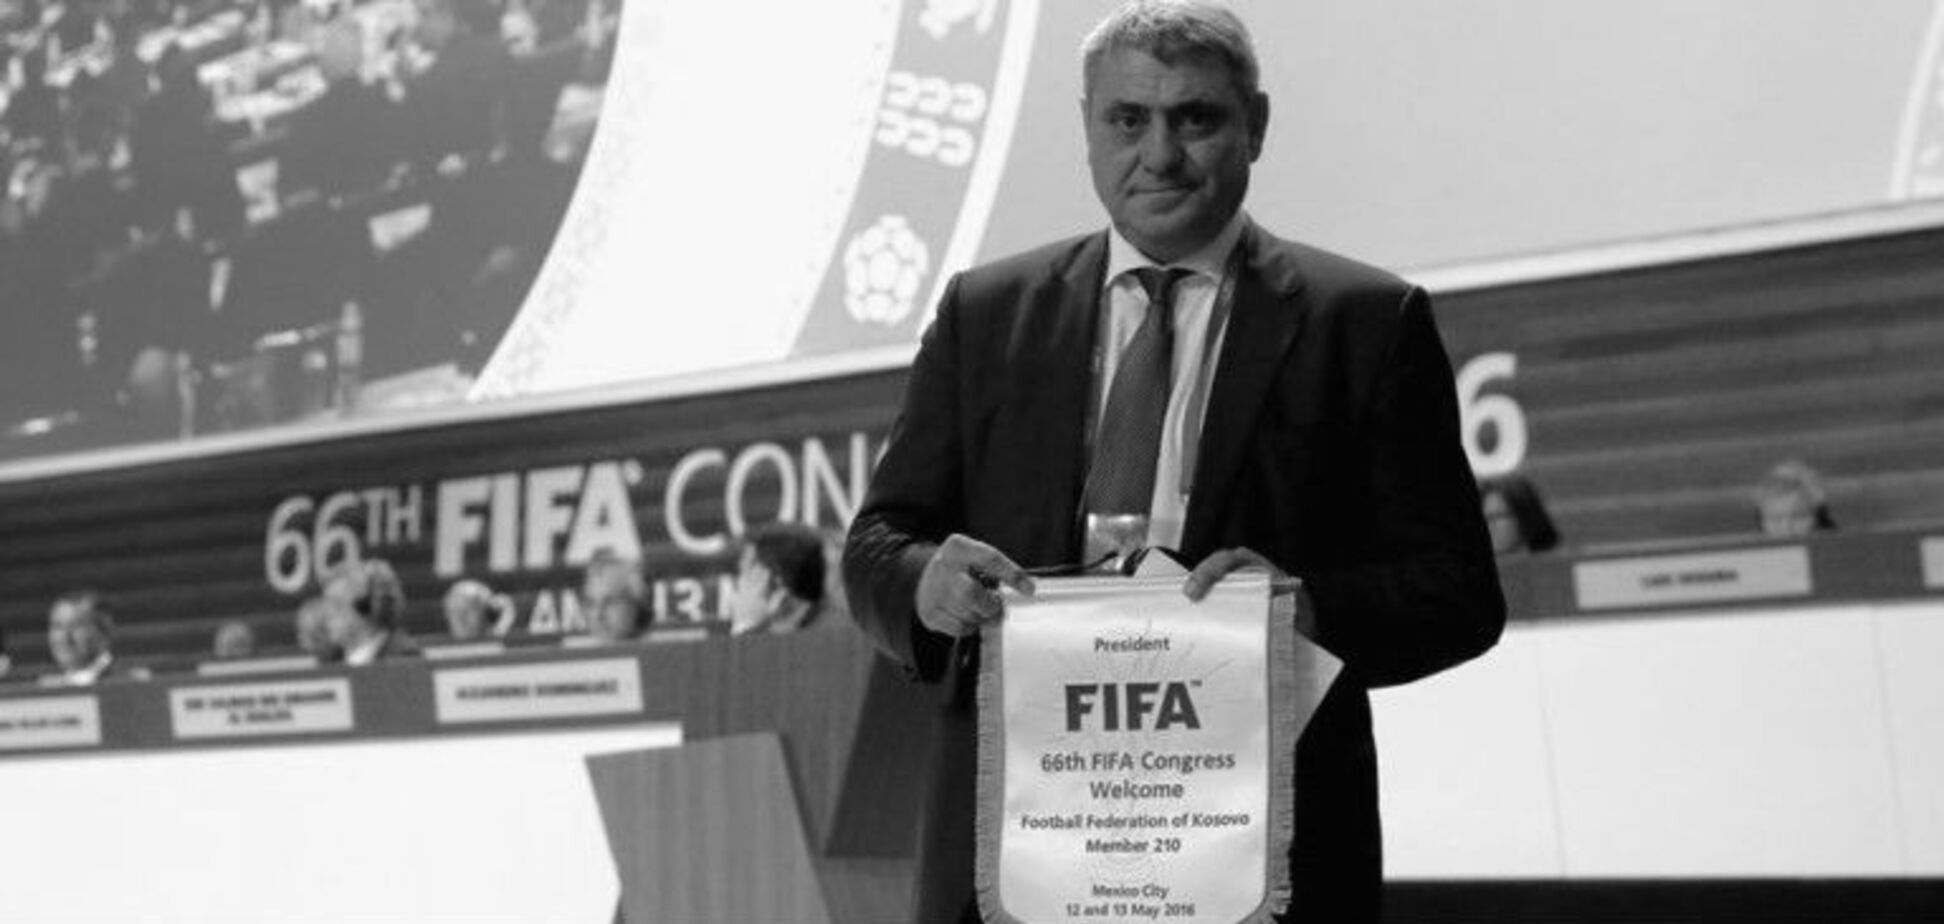 У Косово помер президент Федерації футболу: названа причина